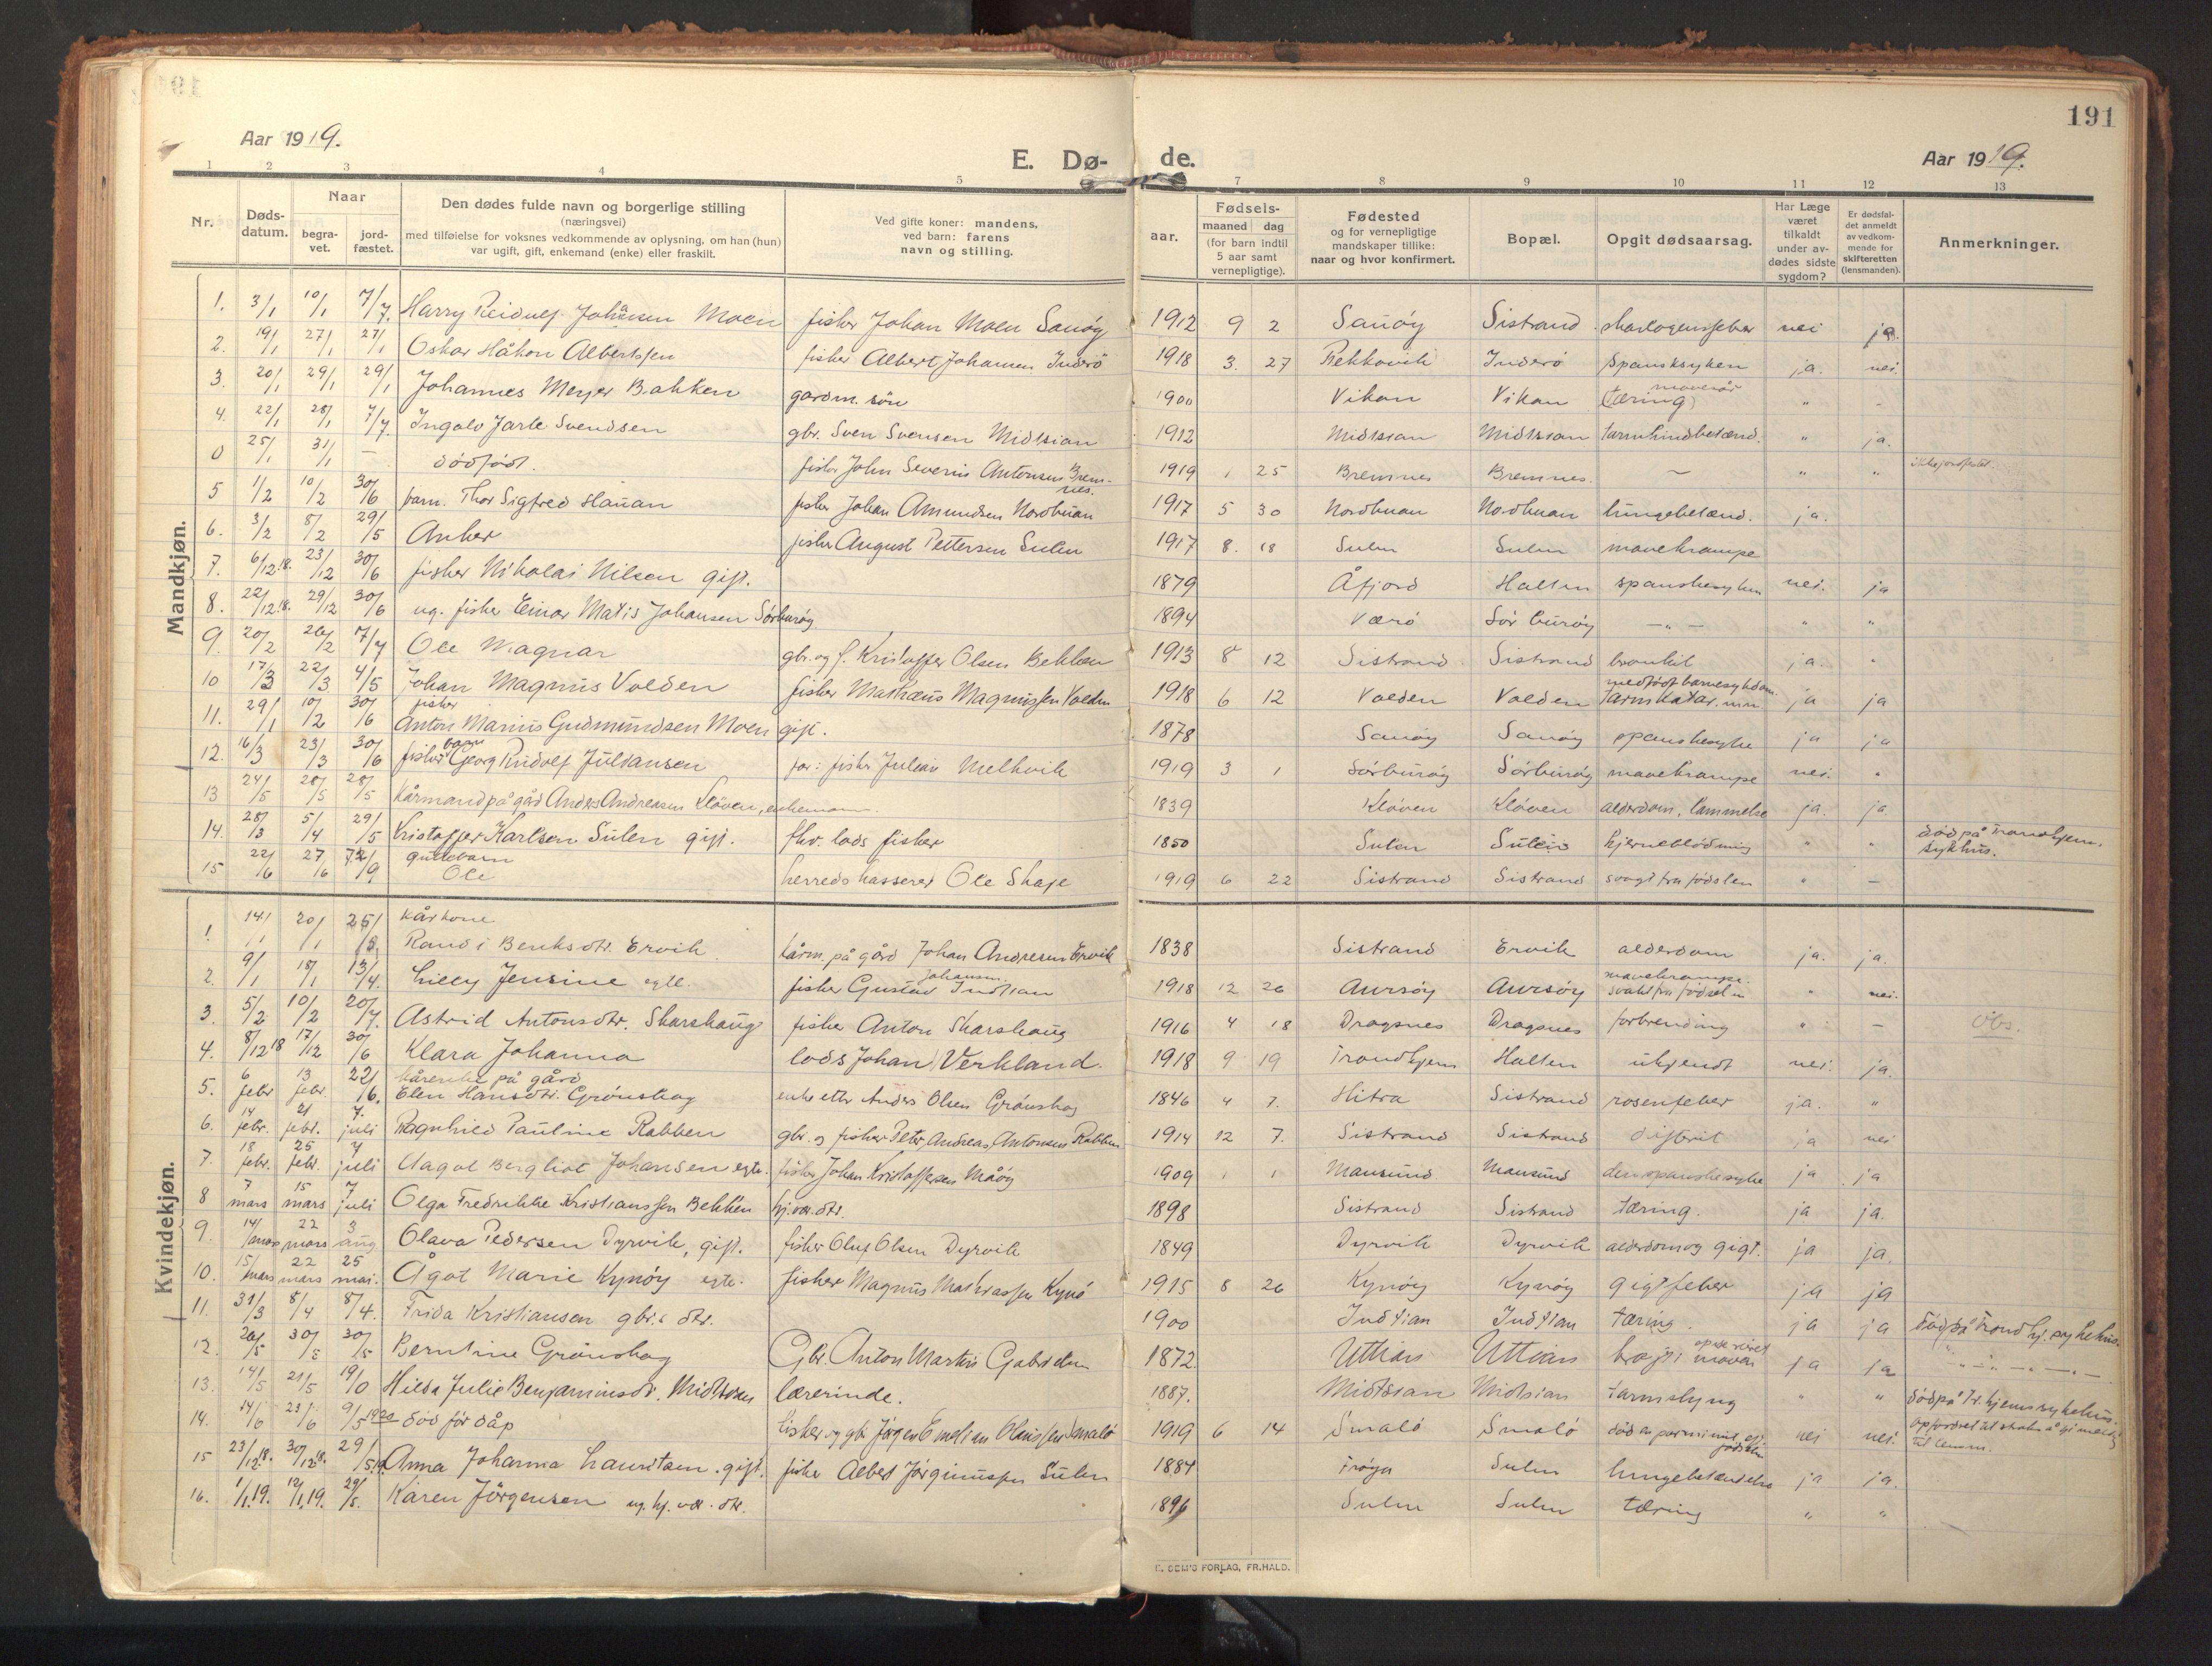 SAT, Ministerialprotokoller, klokkerbøker og fødselsregistre - Sør-Trøndelag, 640/L0581: Ministerialbok nr. 640A06, 1910-1924, s. 191